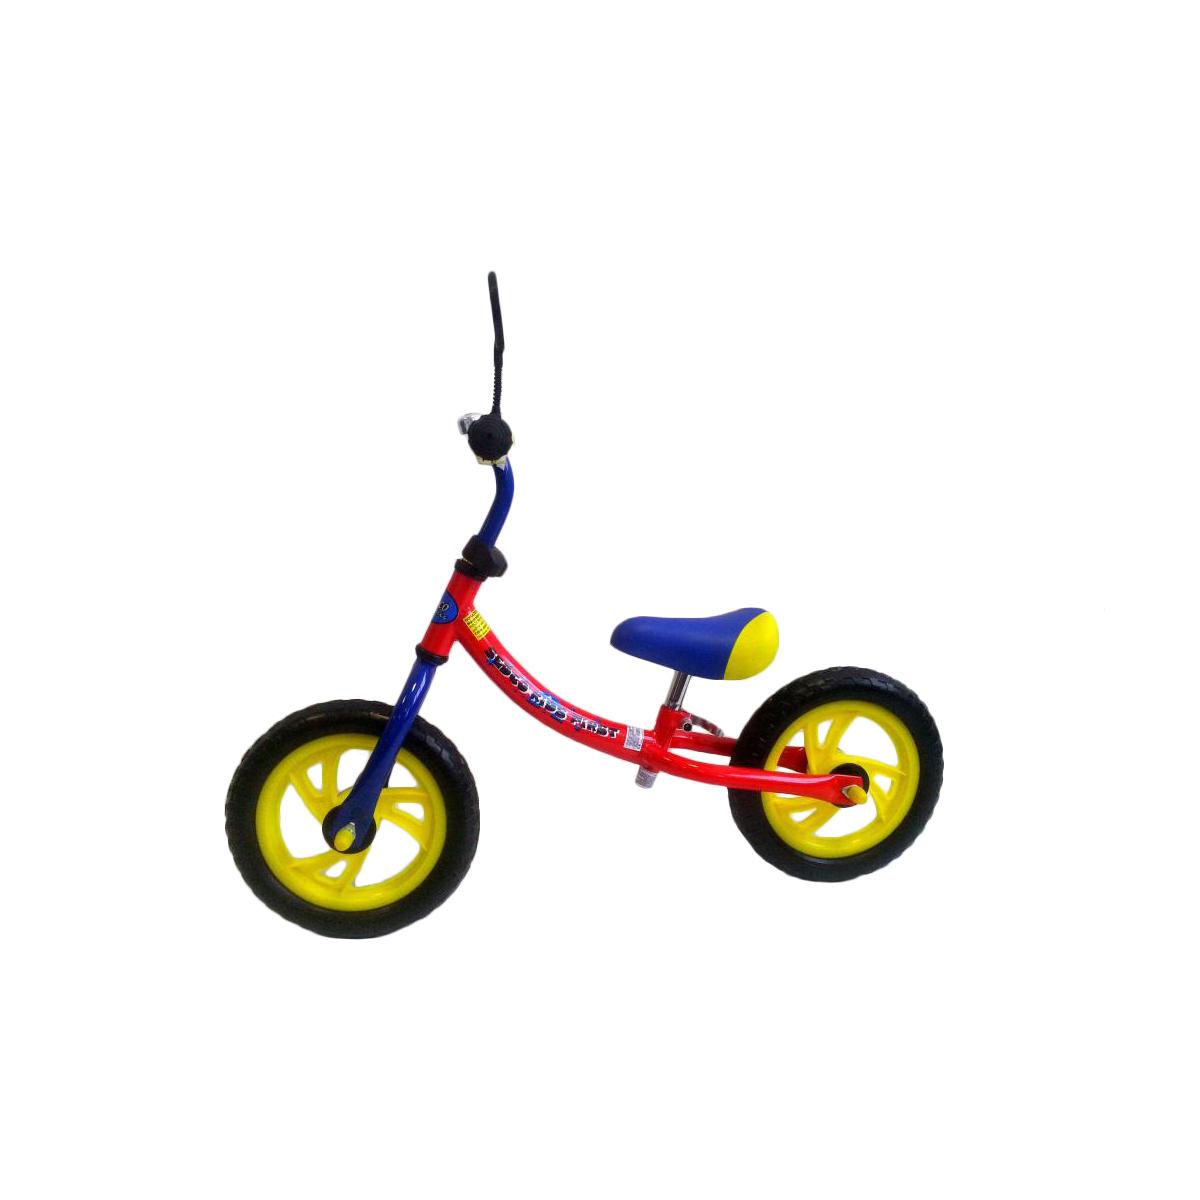 Dětské odrážedlo SEDCO Kids First TC007 - modro-žluto-červené